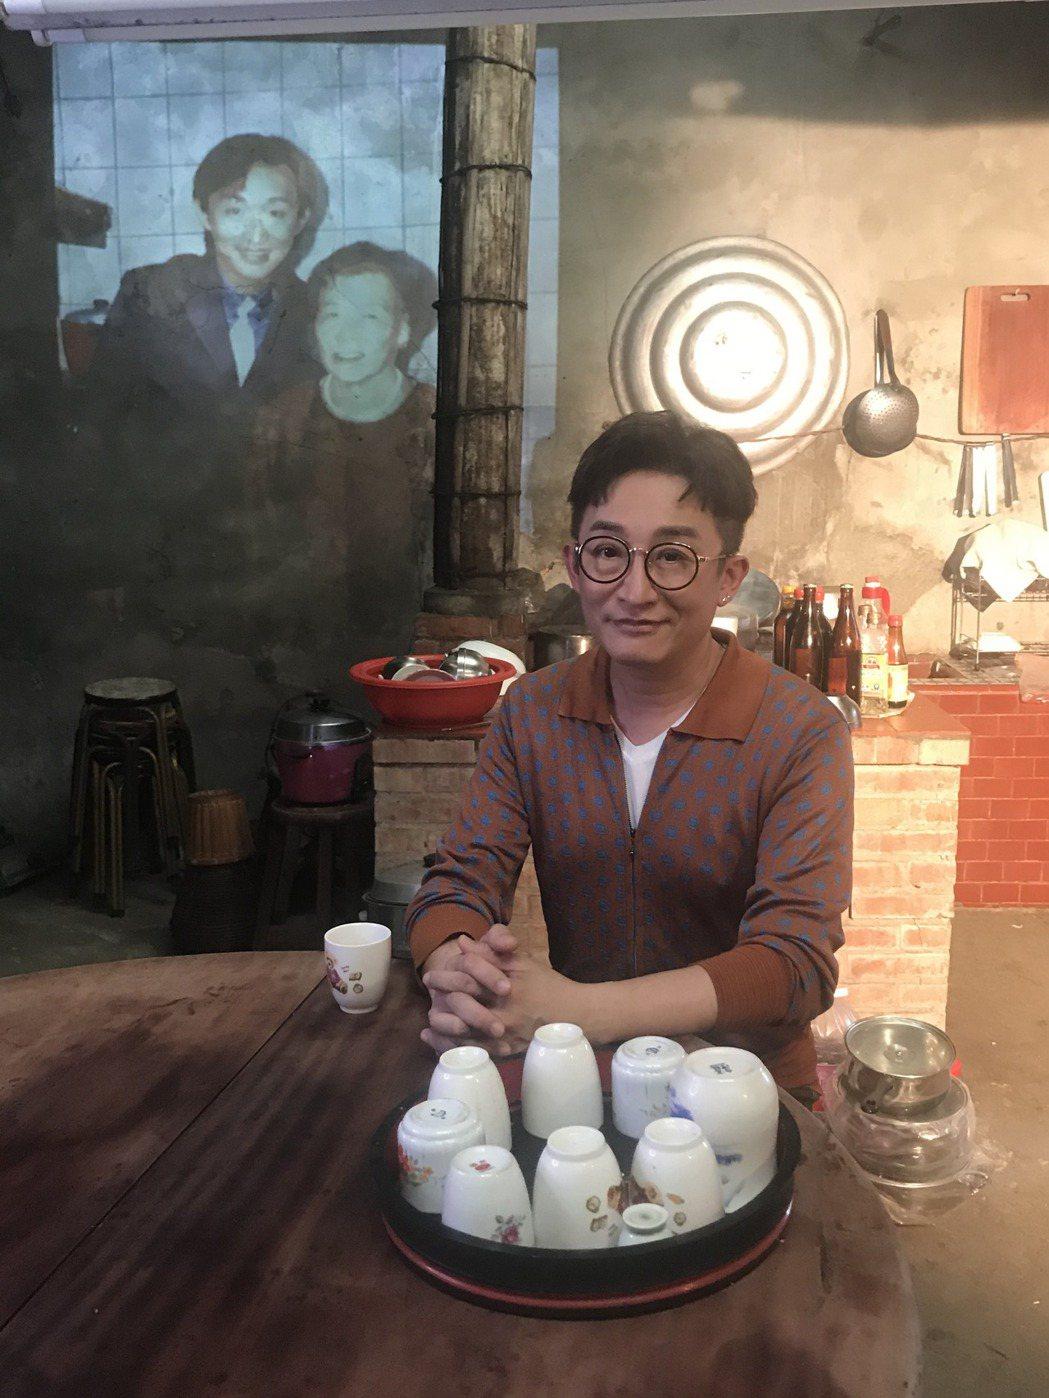 導演透過影像讓徐哲緯與阿婆祖孫倆同框。圖/秩立娛樂工作室提供